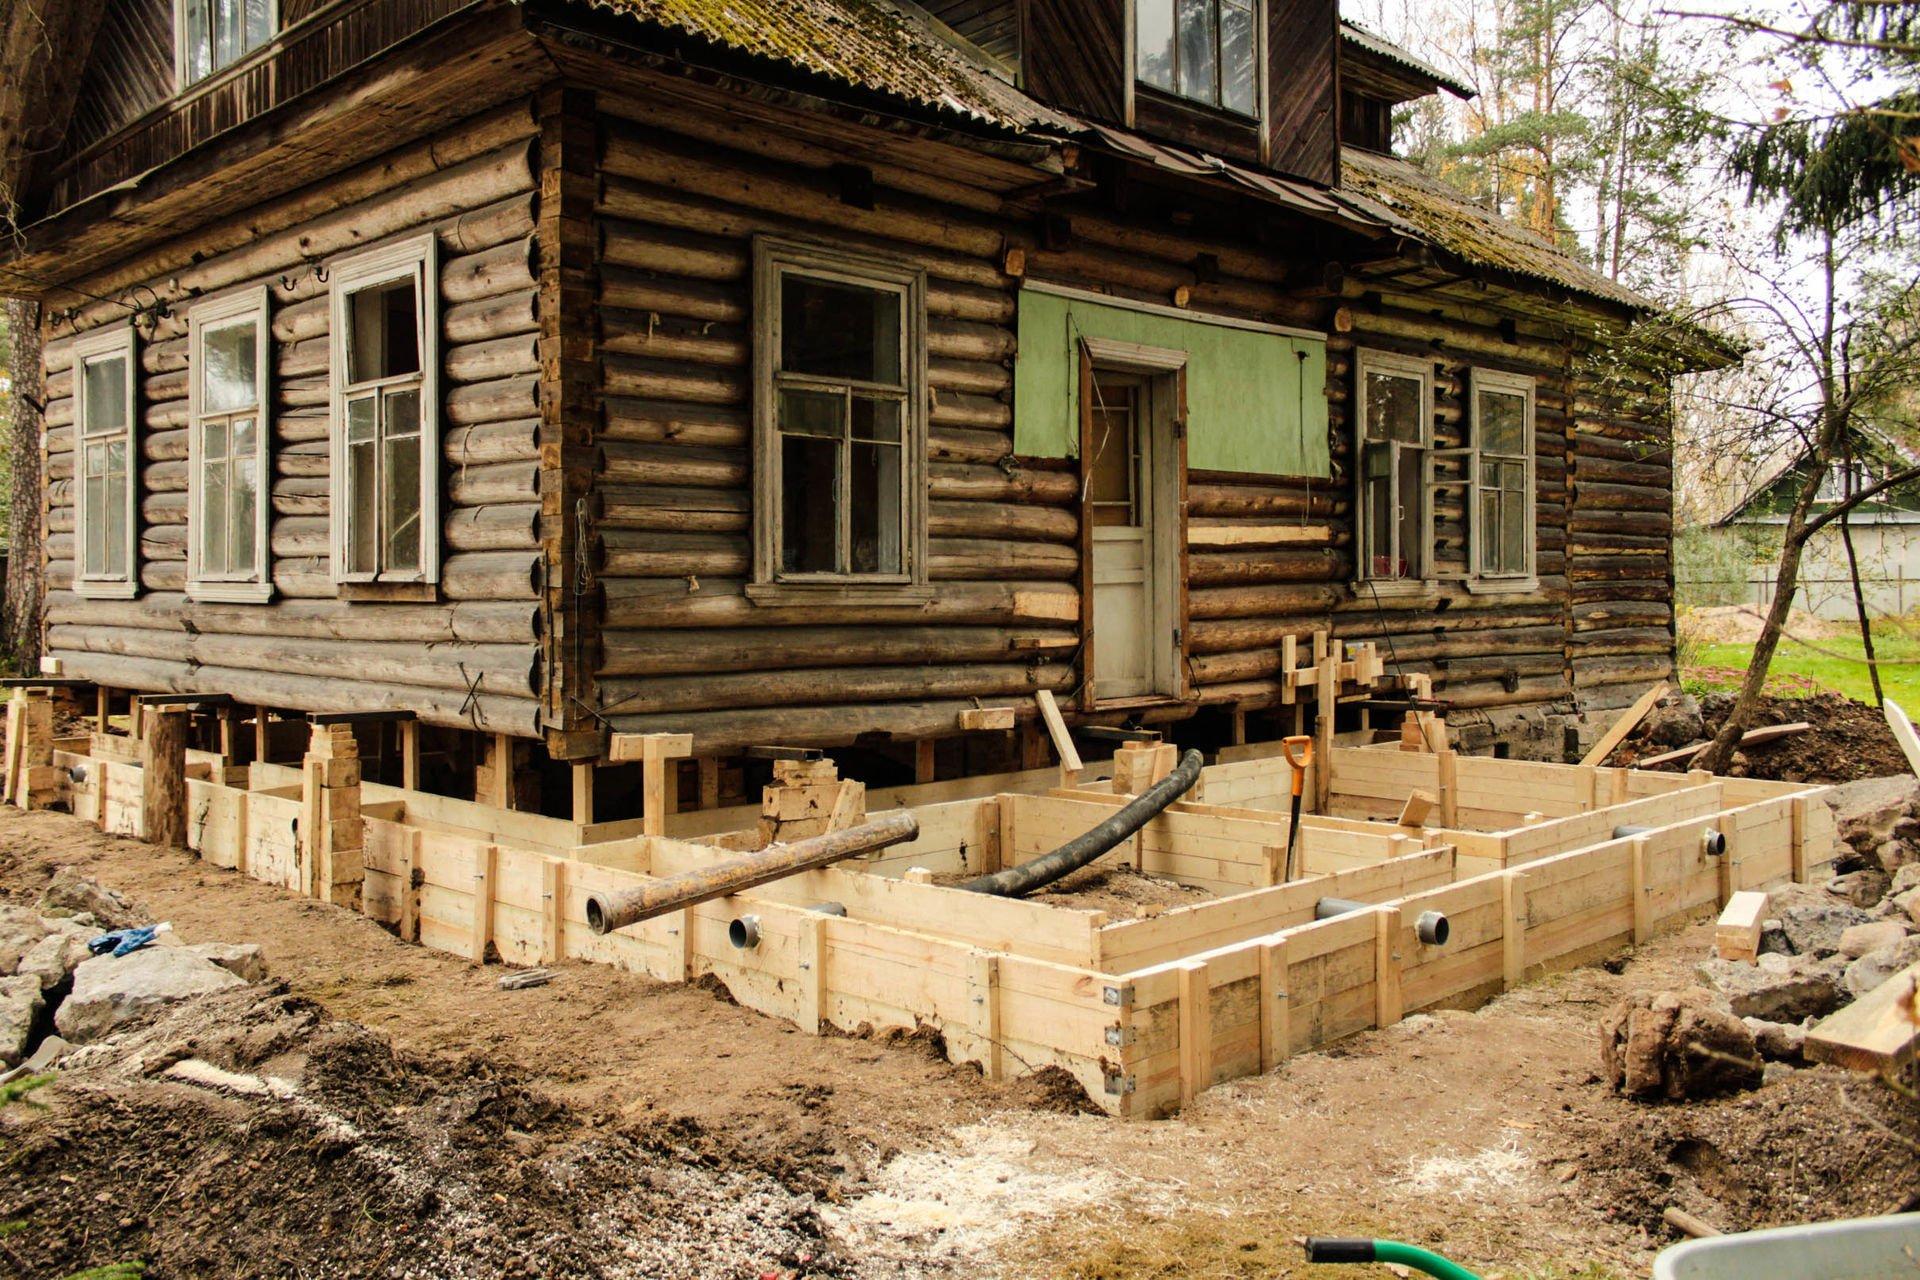 реконструкция деревянного дома фото до и после рекомендации позволят